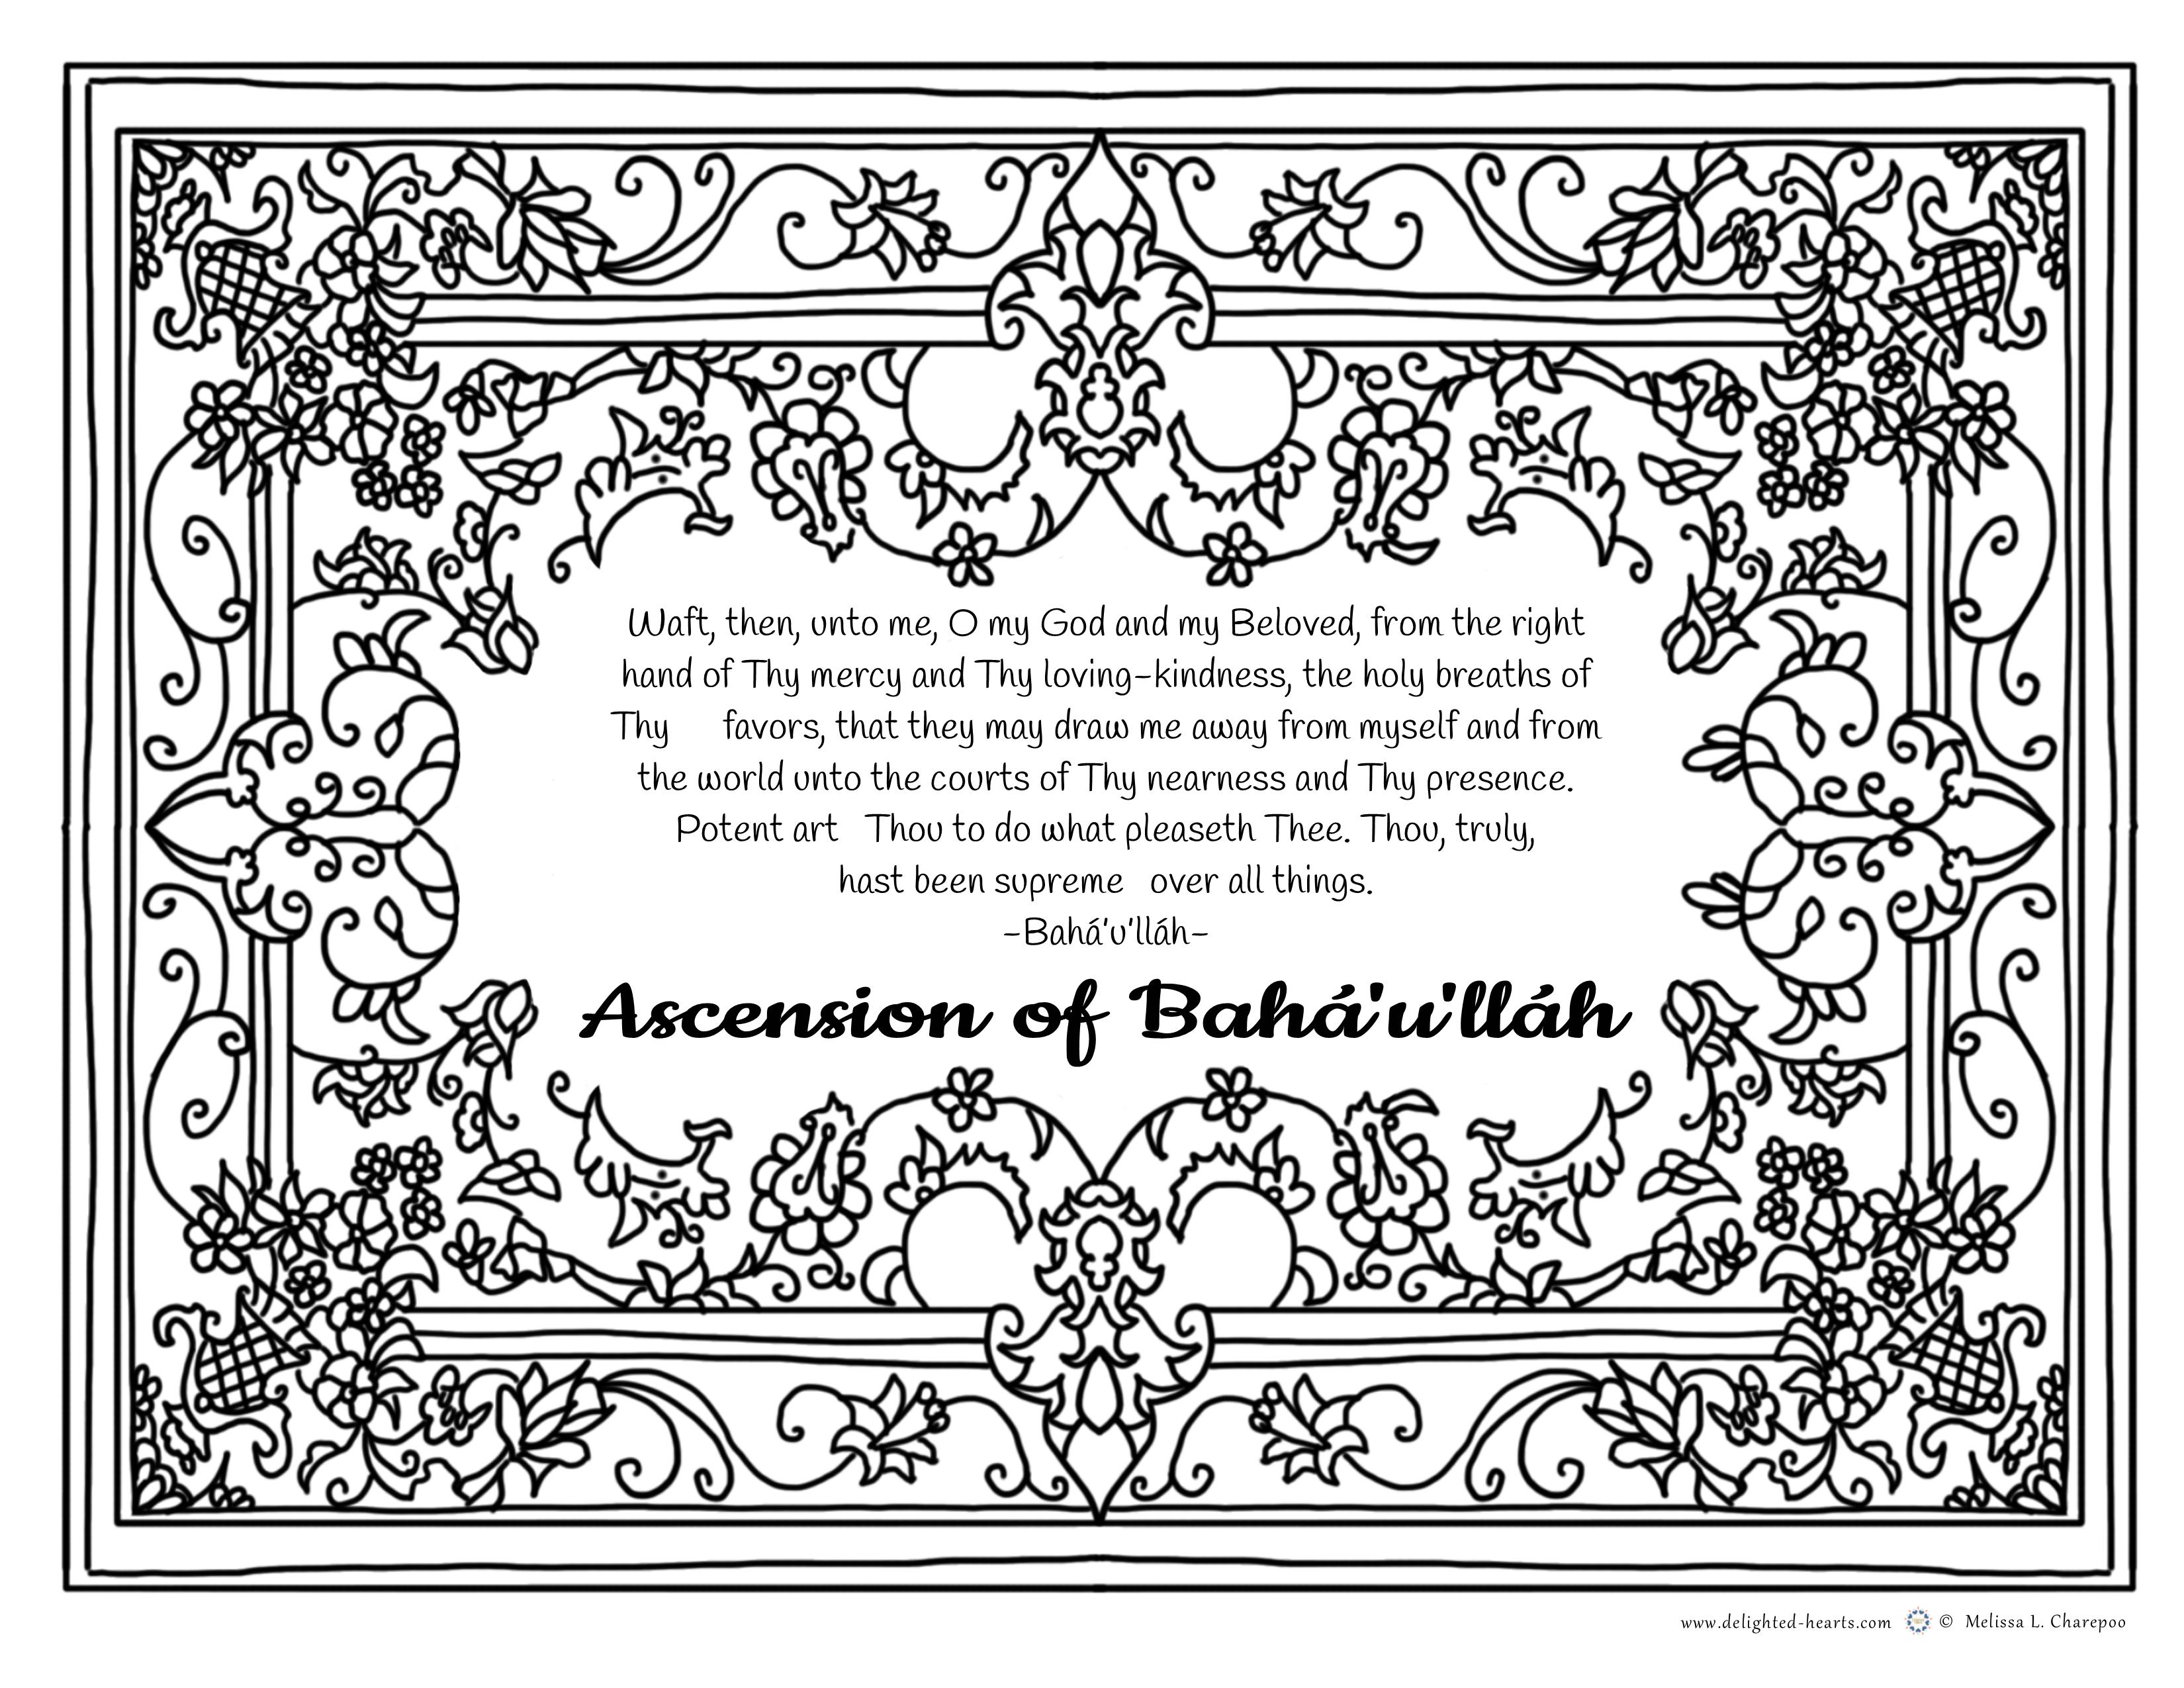 Ascencion Bahaullah_ 176_DHLLC_Melissa Charepoo_Coloring Page_Ascencion of Baha'u'llah